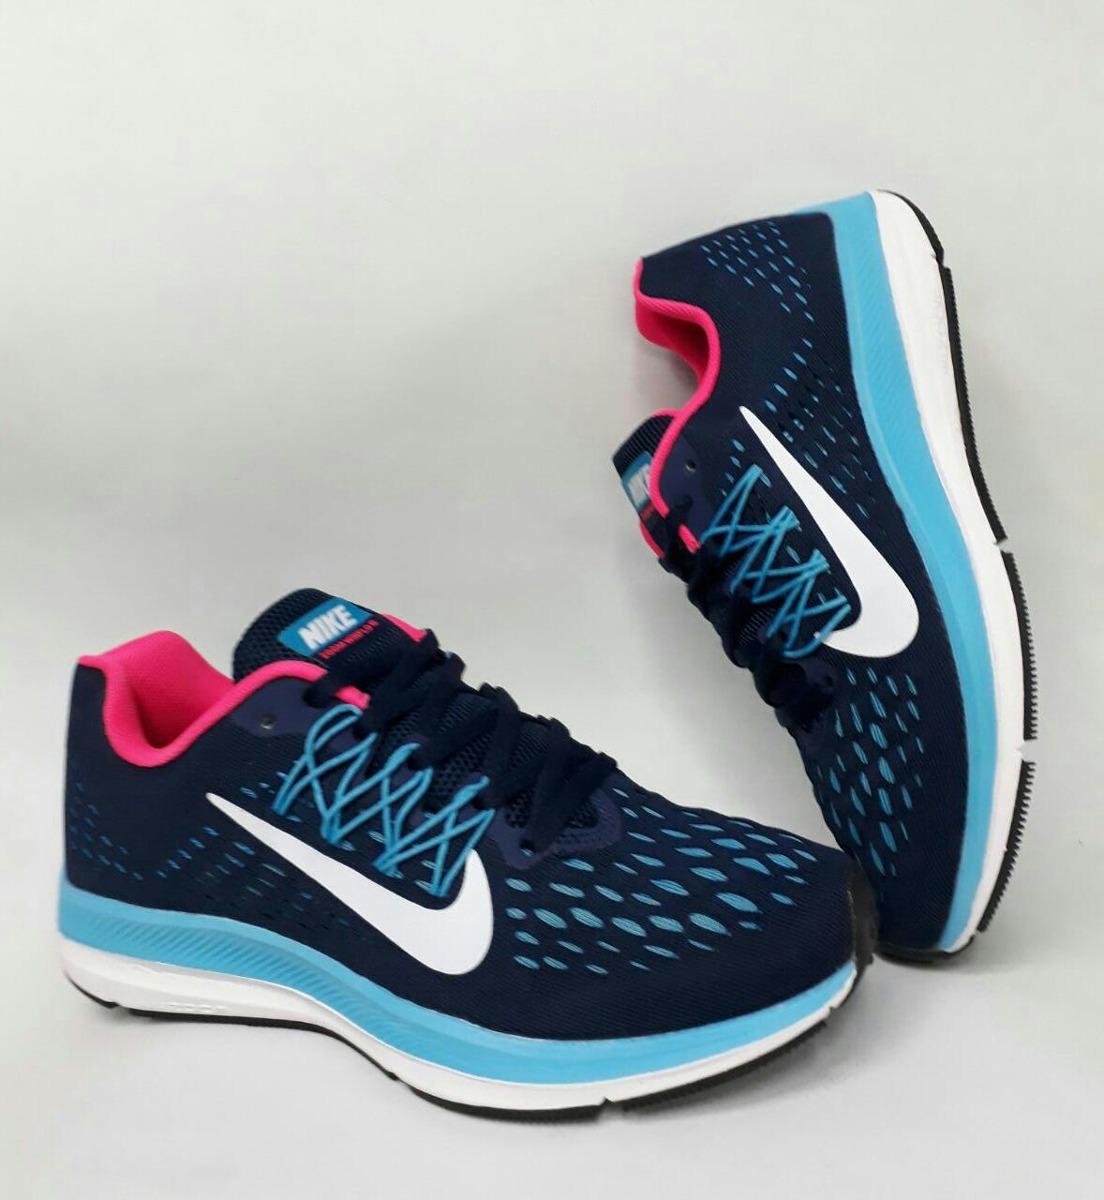 8d3c570be47 Tenis Zapatilla Nike Zoom Para Dama.envio Gratis -   159.900 en ...